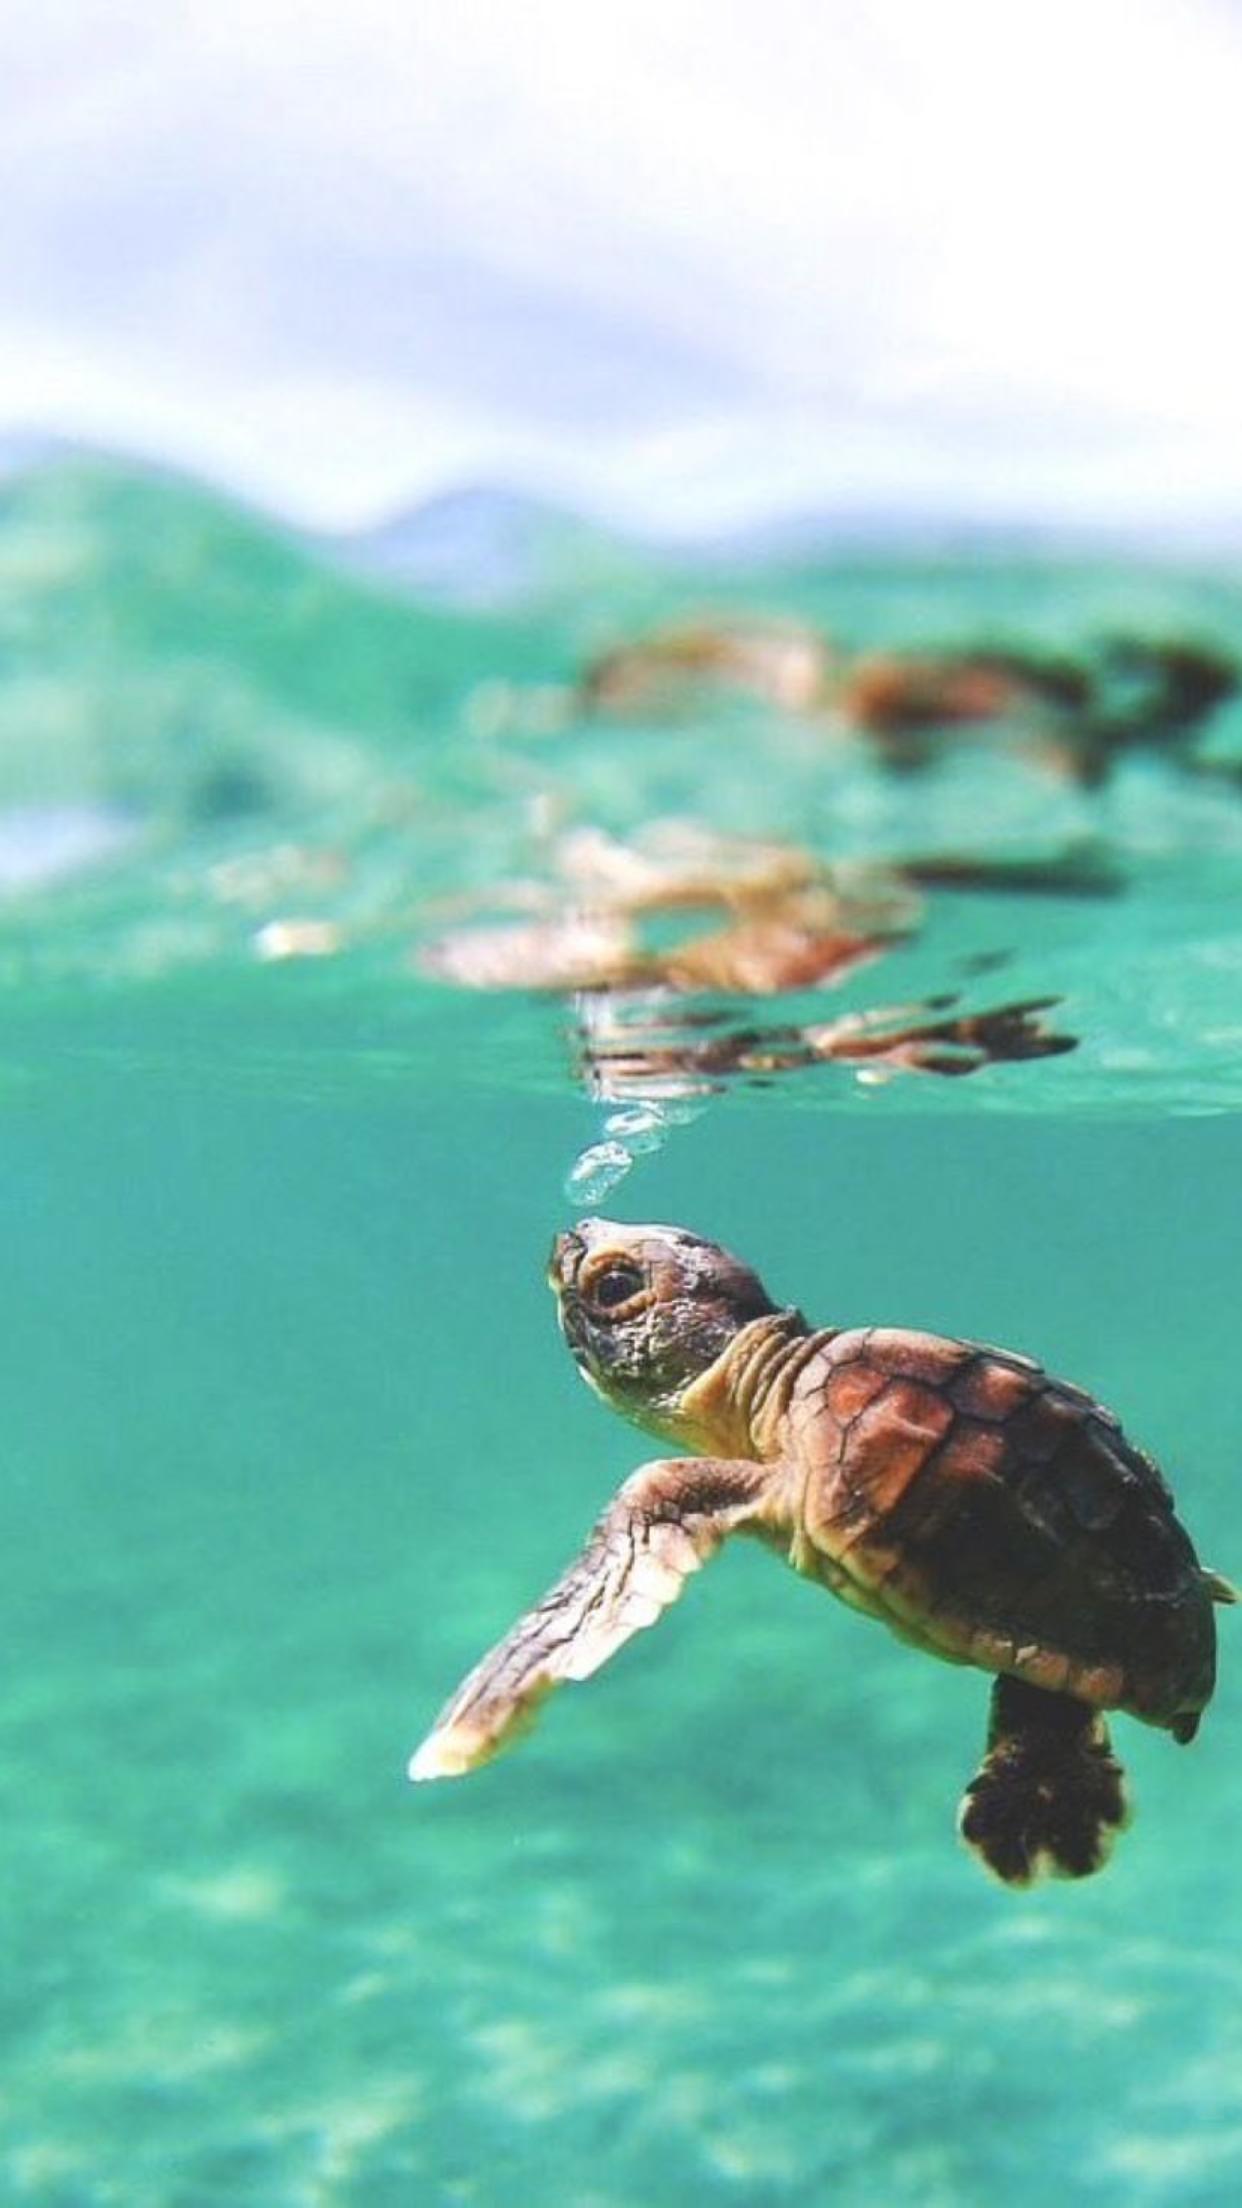 Fondos de tortugas bebes